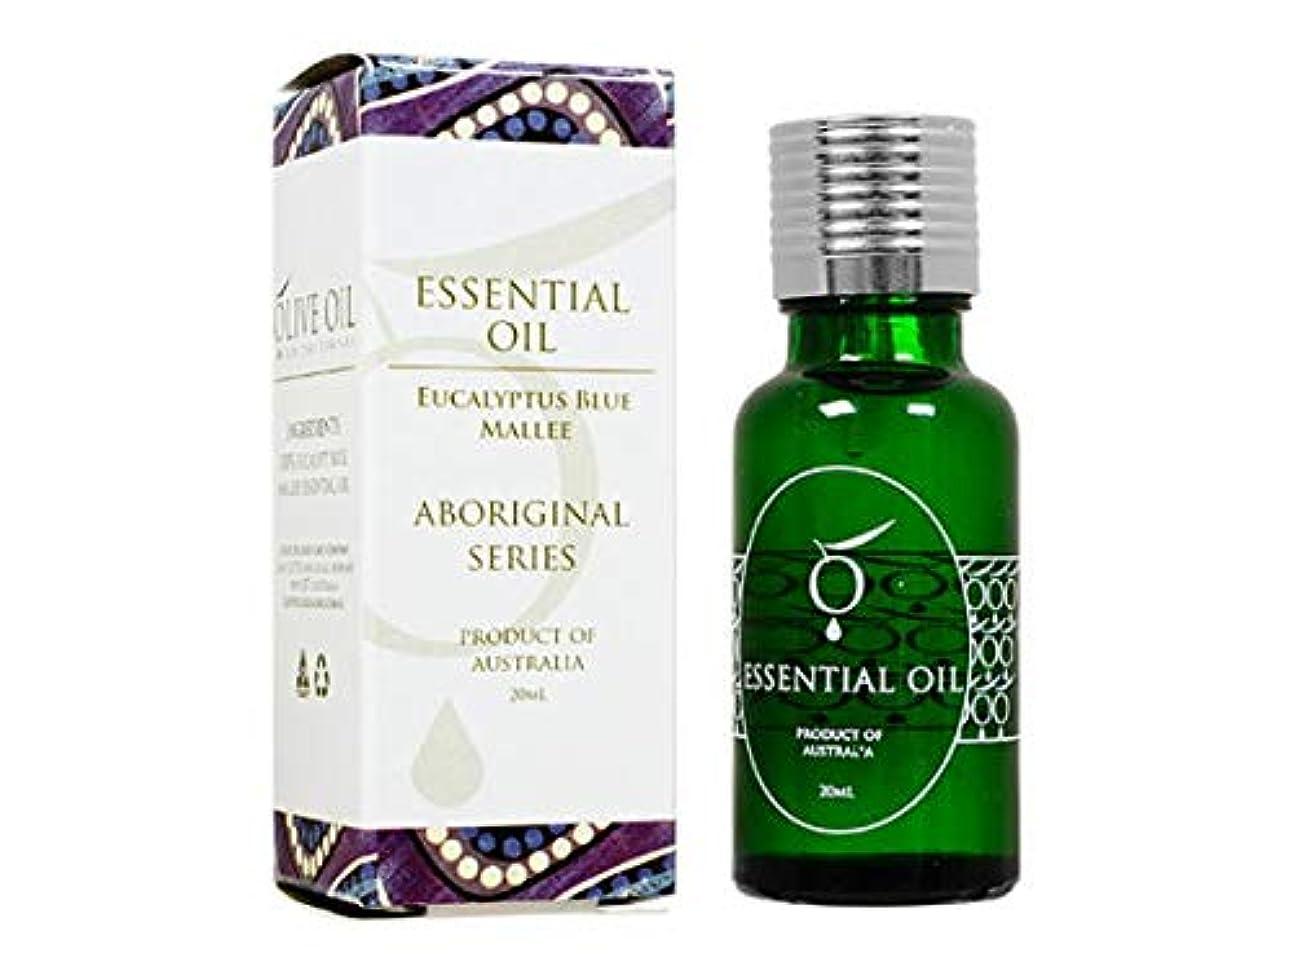 エスニック遡る優勢OliveOil エッセンシャルオイル?ユーカリブルーマリー 20ml (OliveOil) Essential Oil (Eucalyptus Blue Mallee) Made in Australia